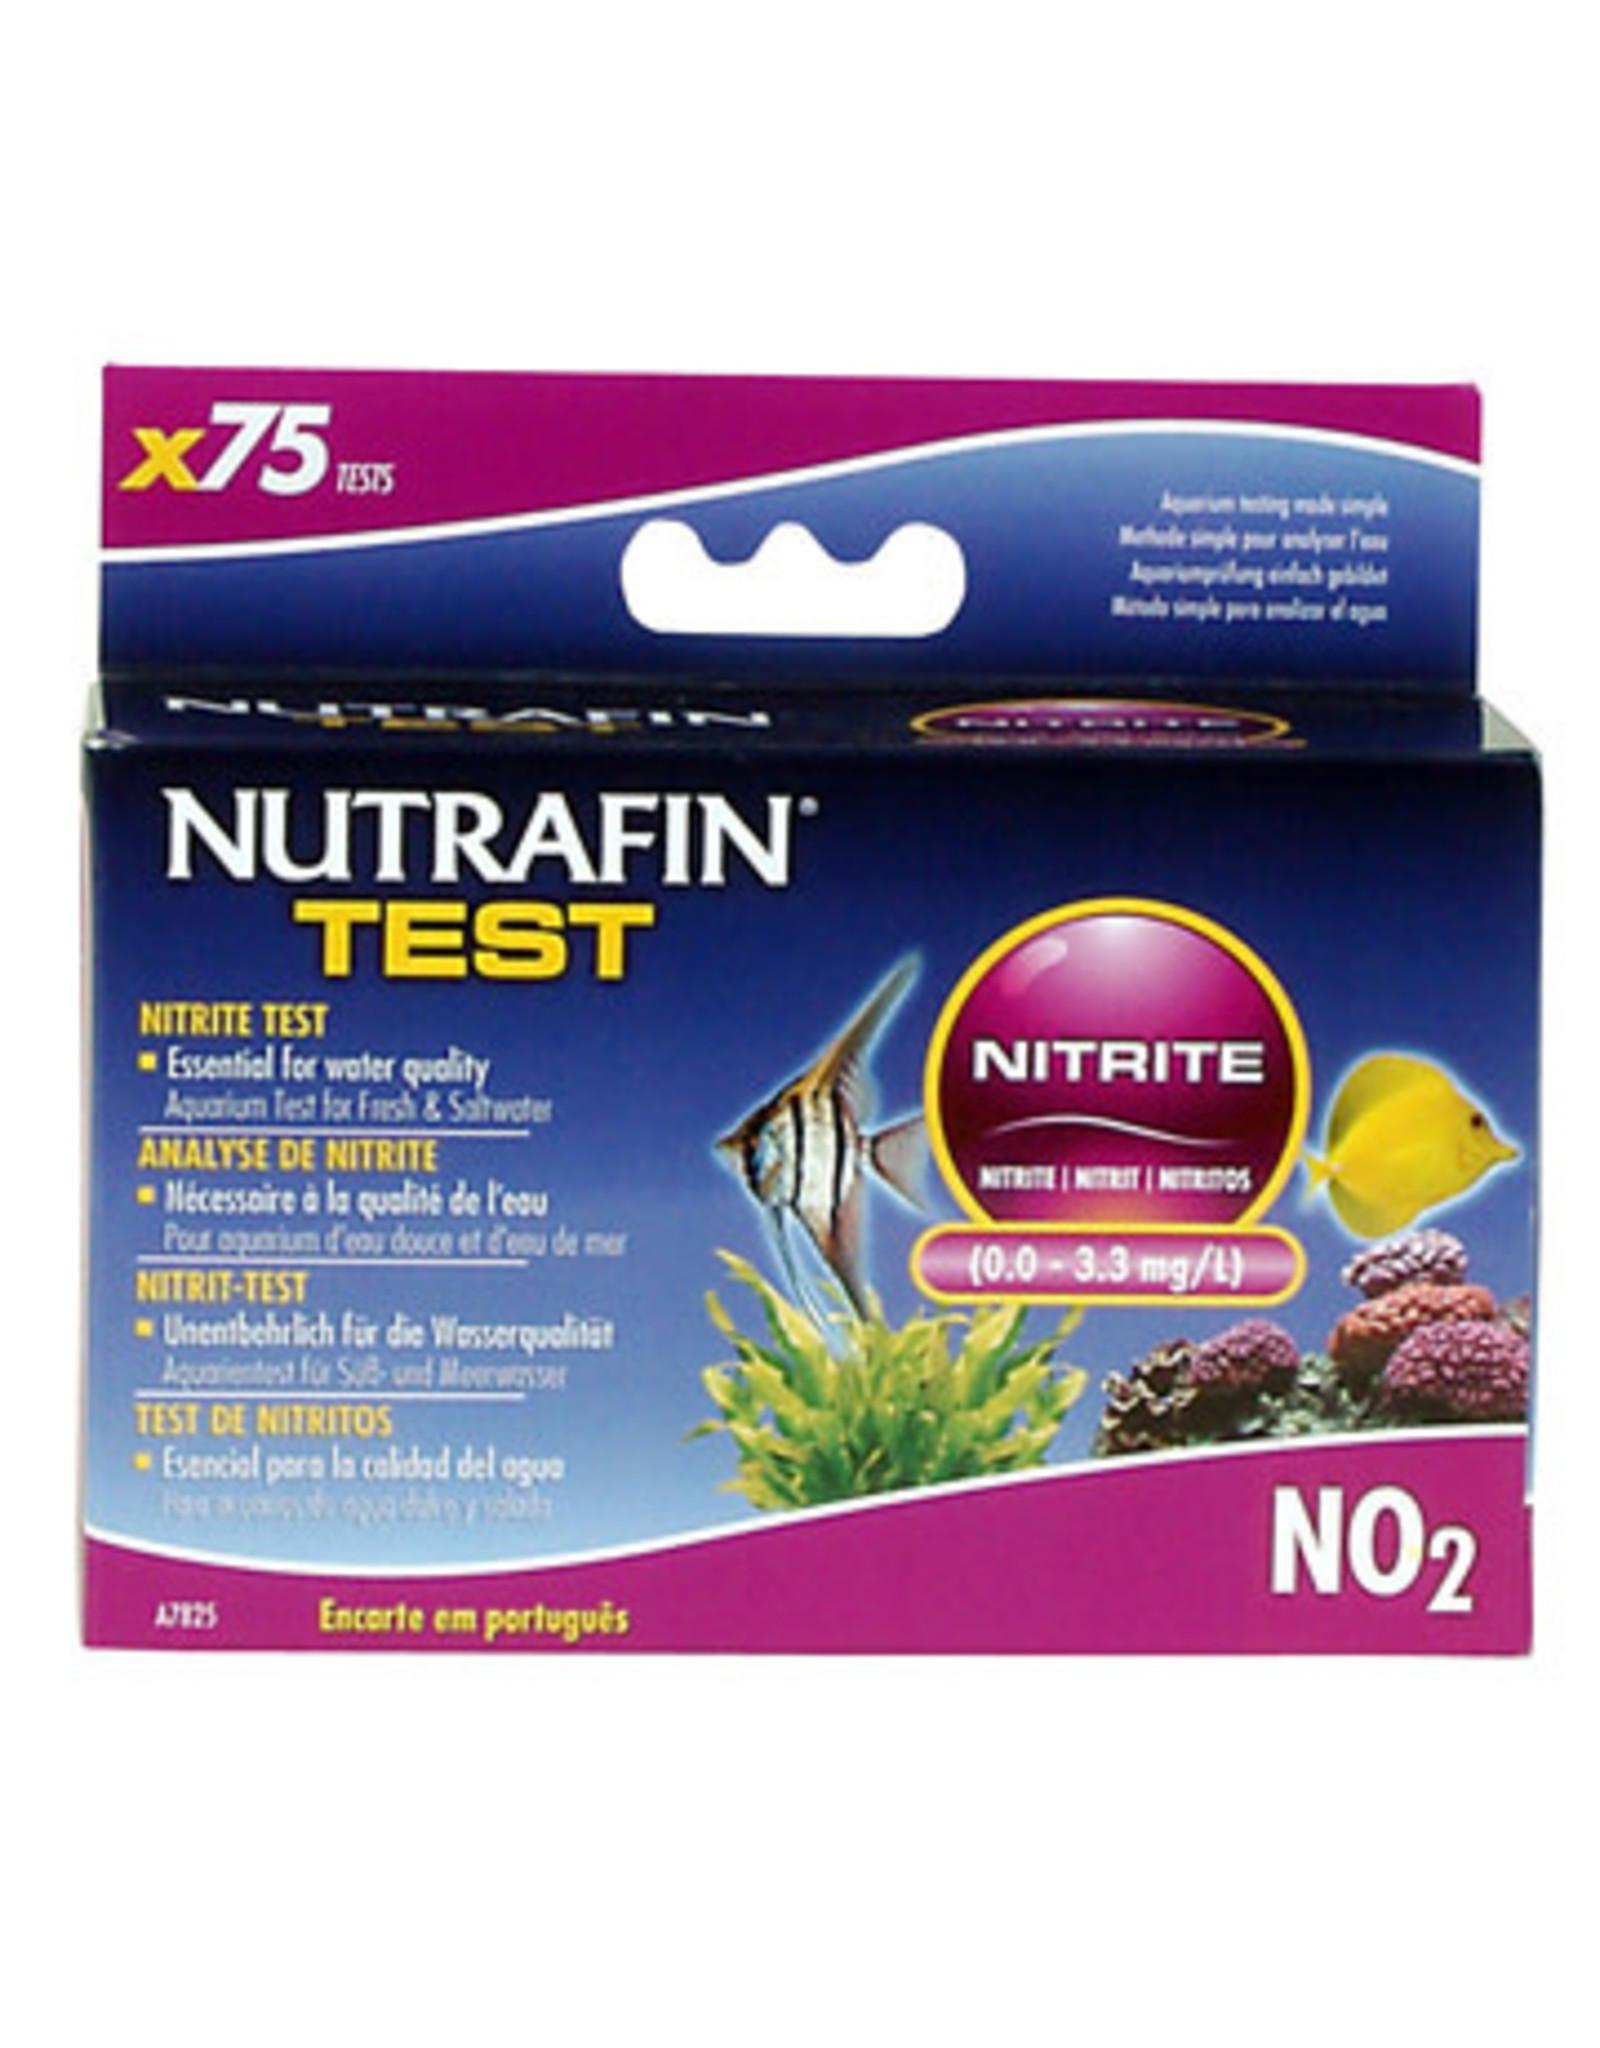 Nutrafin Nutrafin Nitrite Test (0.0 - 3.3 mg/L)